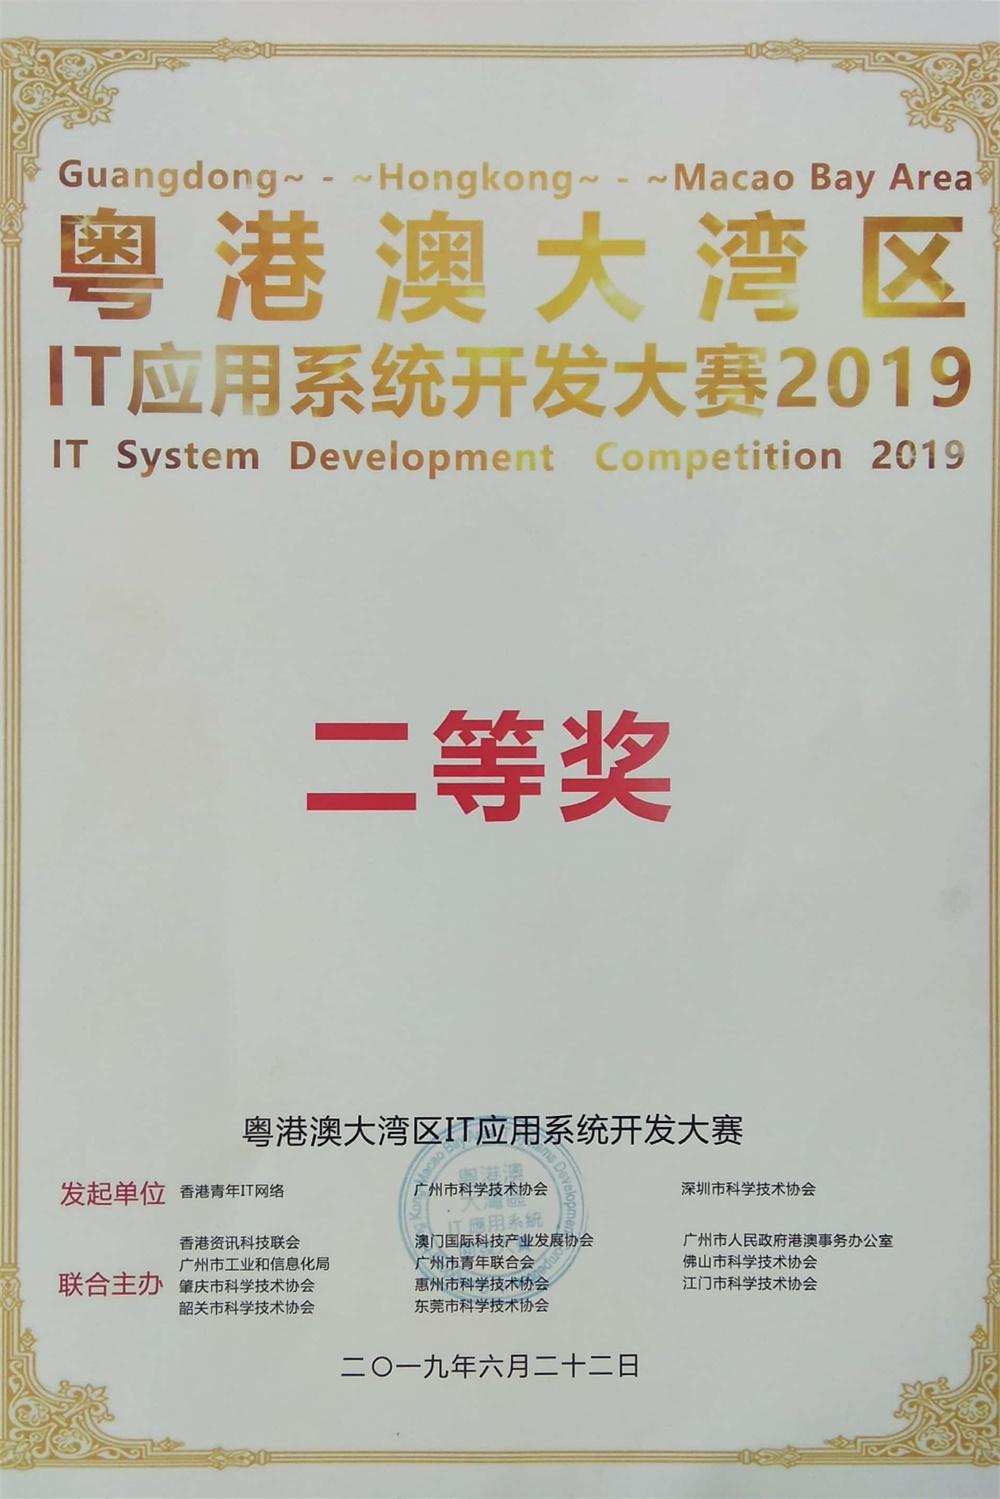 粤港澳大湾区IT应用系统开发大赛决赛2019二等奖